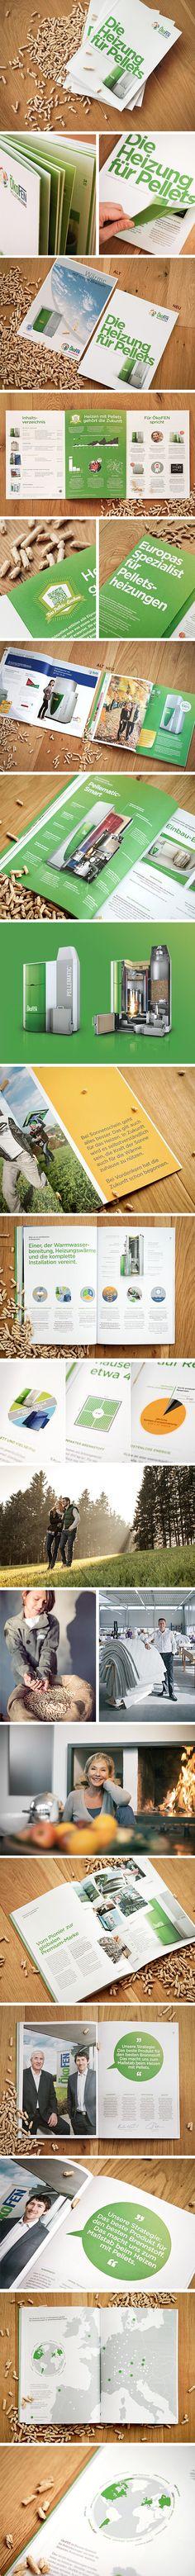 neuer Katalog für ÖkoFEN, made by Fredmansky